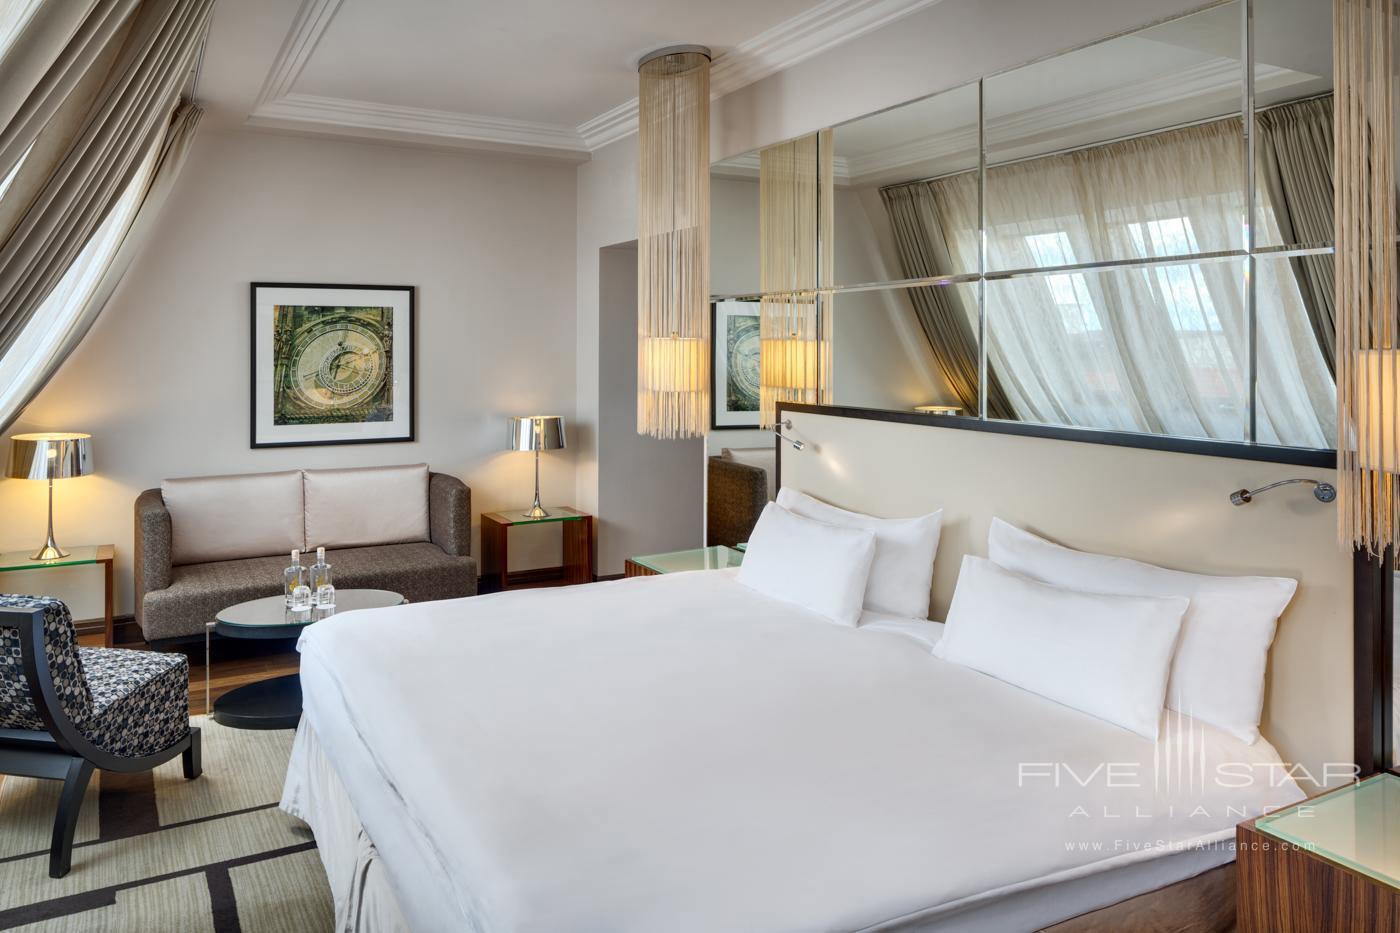 Castle View Guest Room at Alcron Hotel Prague, PRAGUE, CZECH REPUBLIC